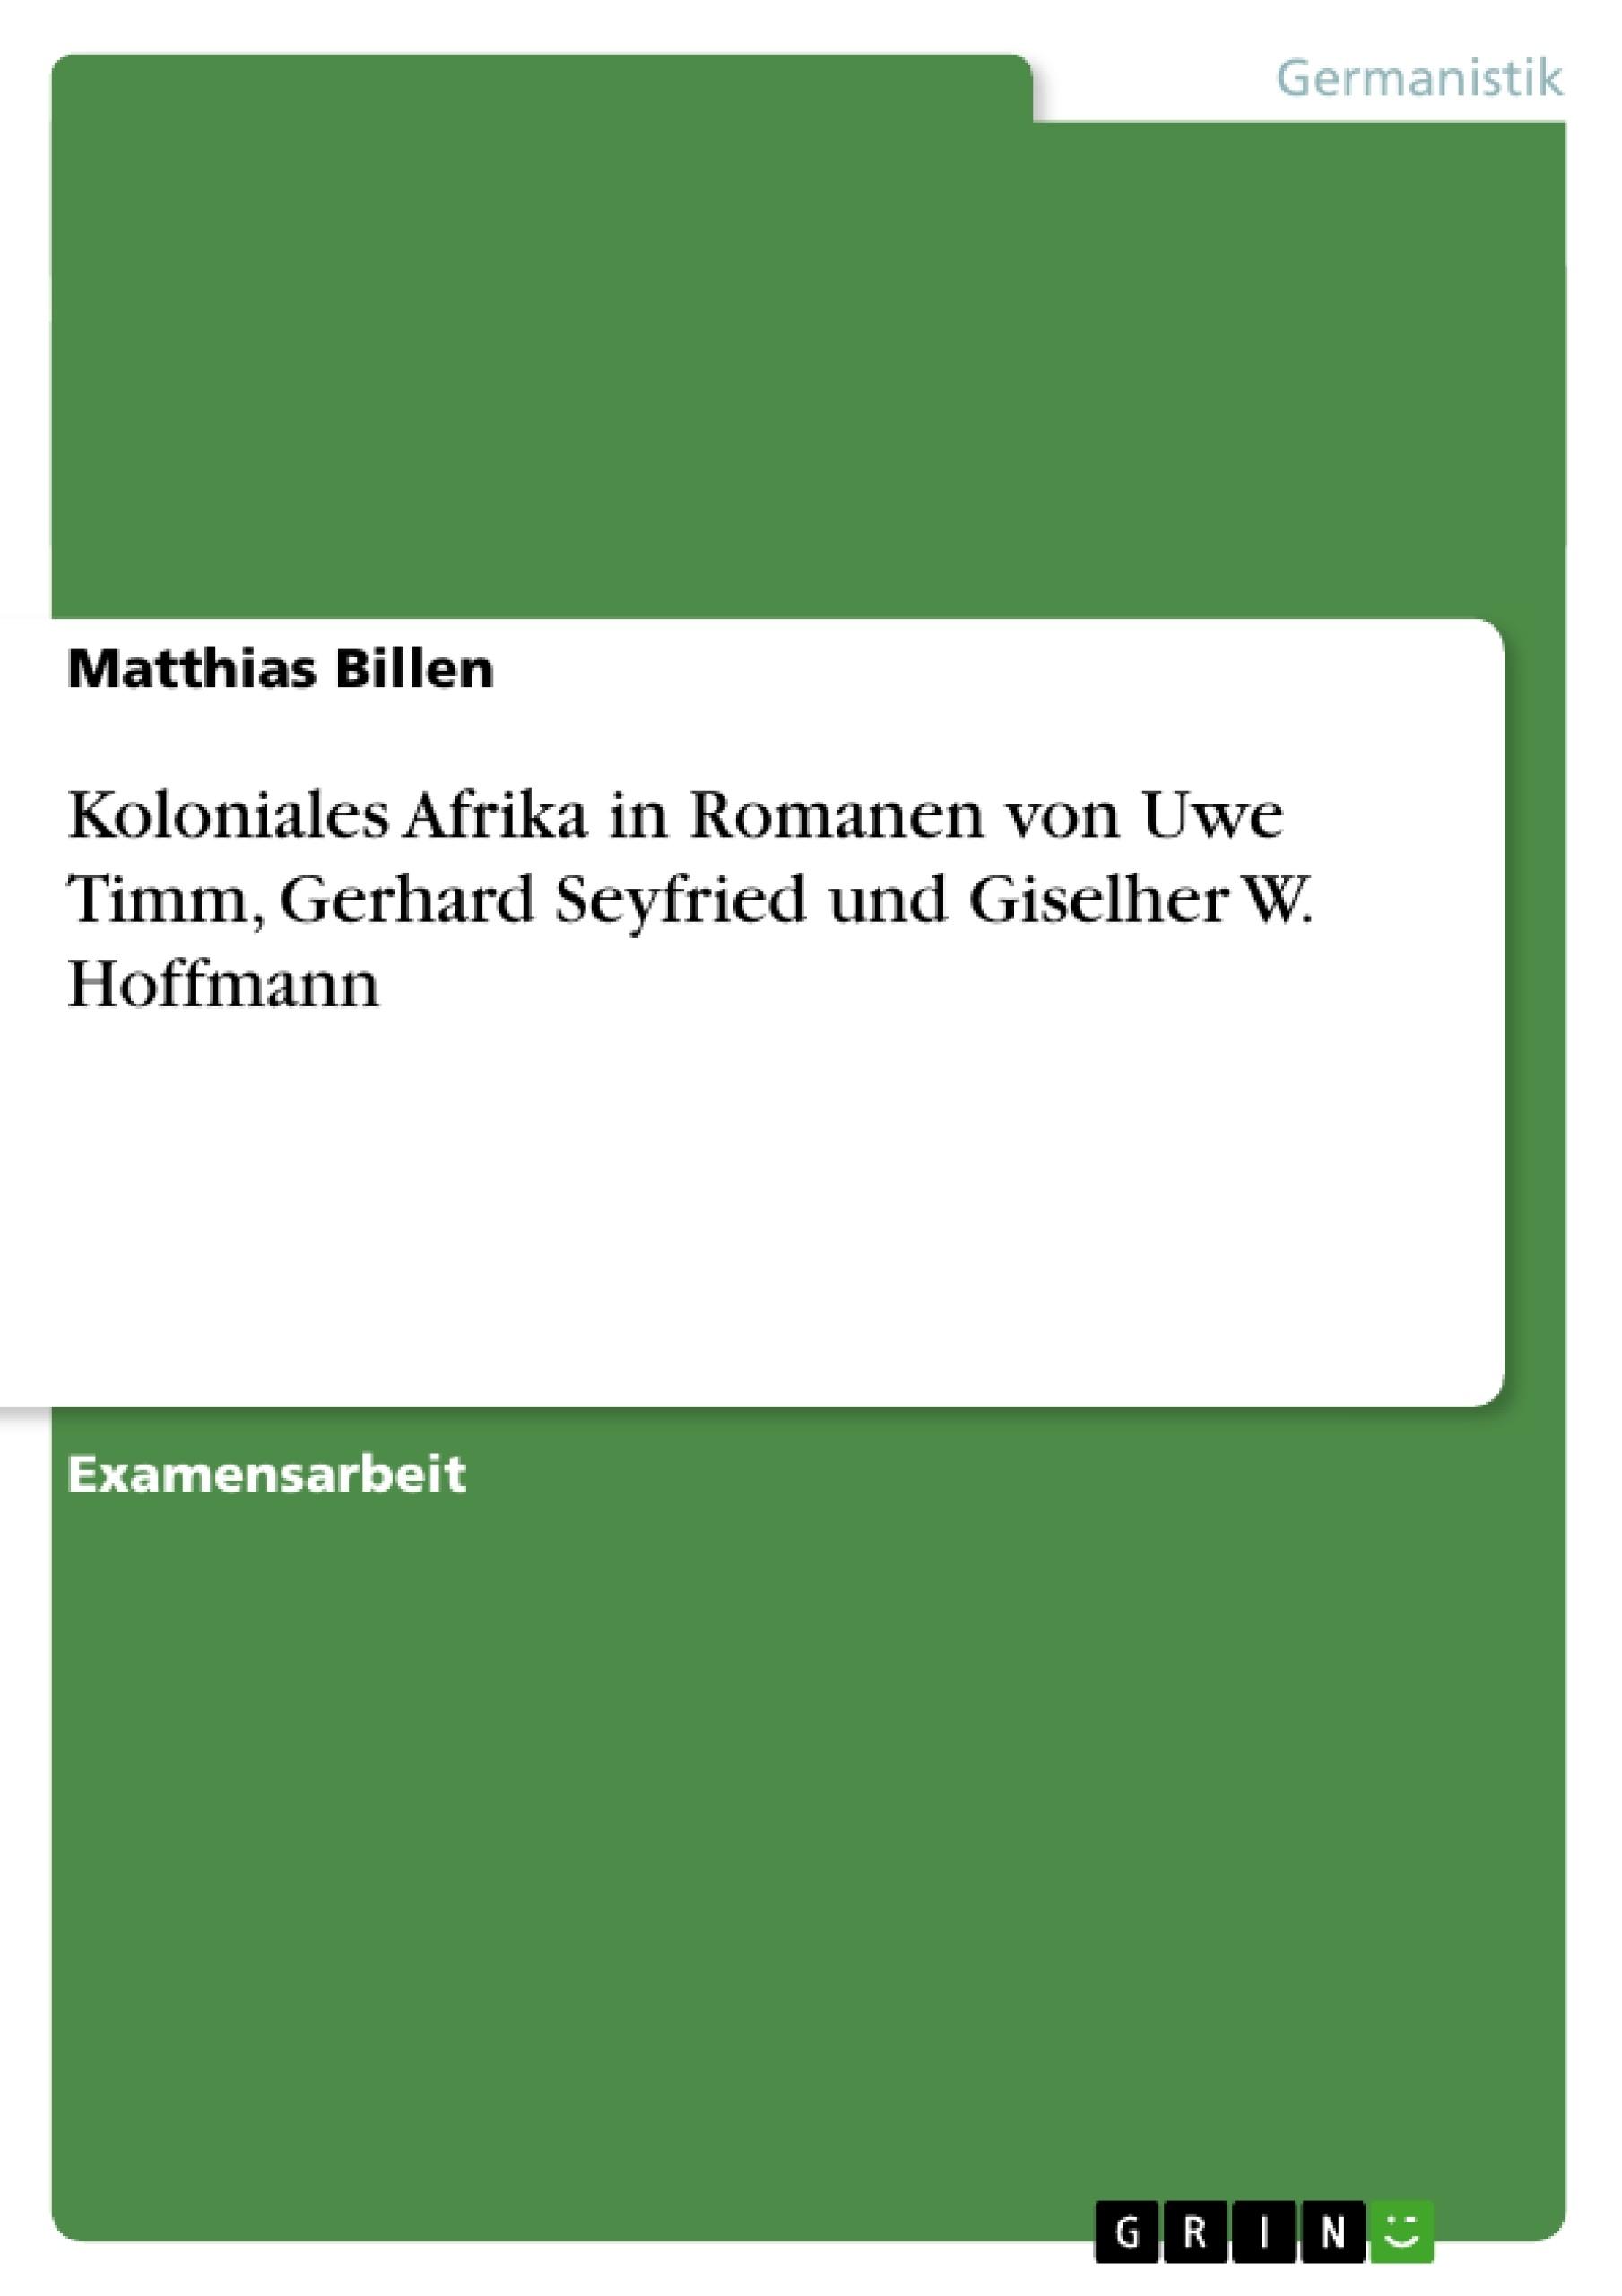 Titel: Koloniales Afrika in Romanen von Uwe Timm, Gerhard Seyfried und Giselher W. Hoffmann